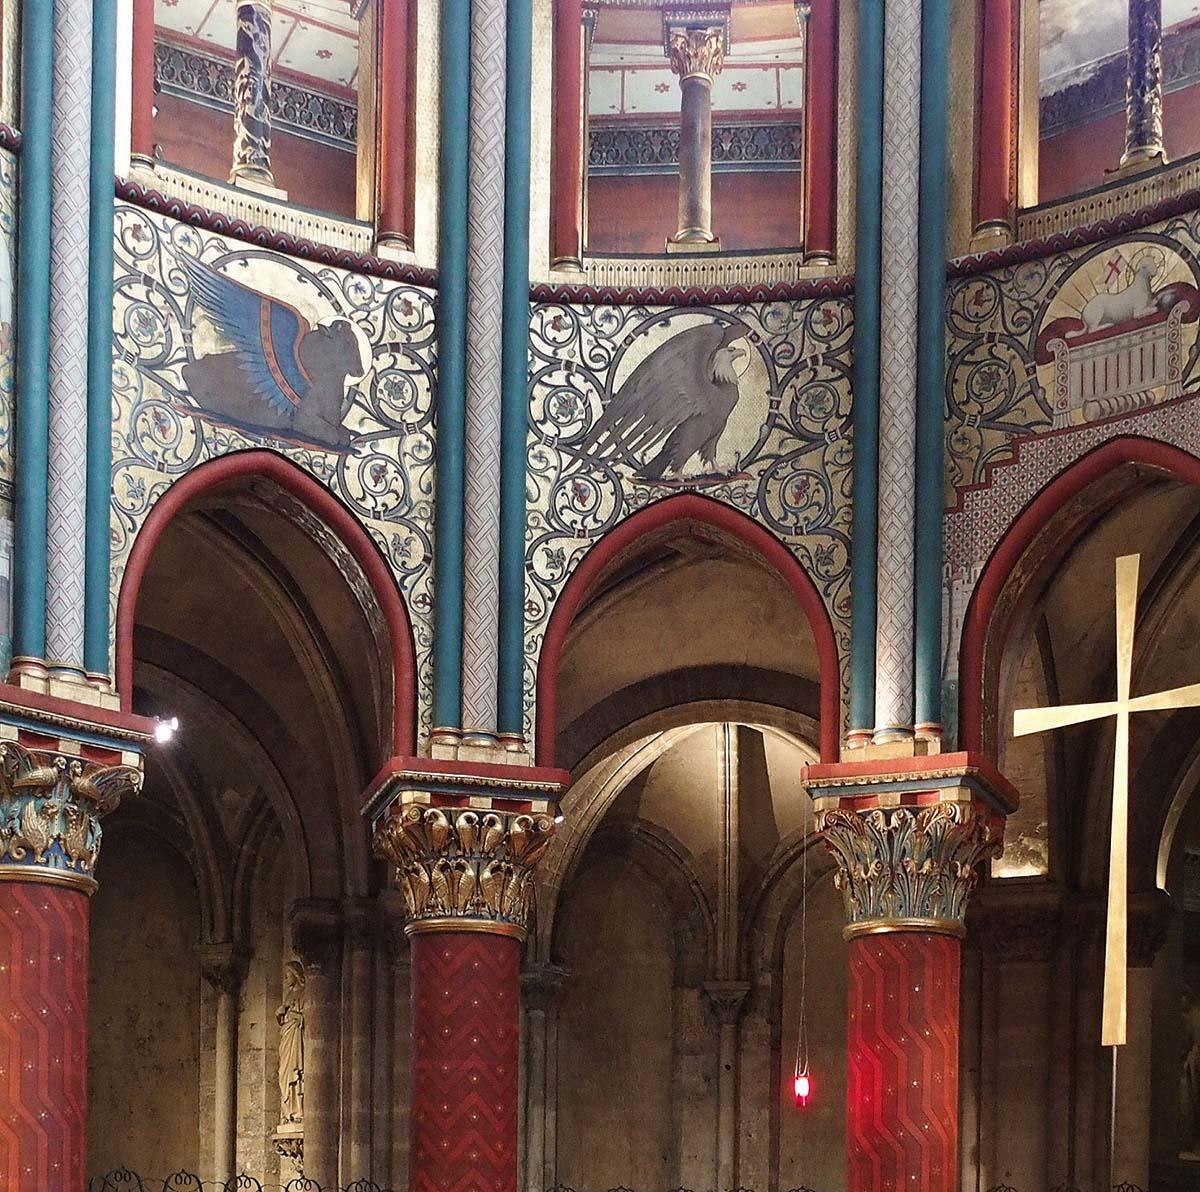 Restauration faite : Saint-Germain-des-Prés, chœur rénové.